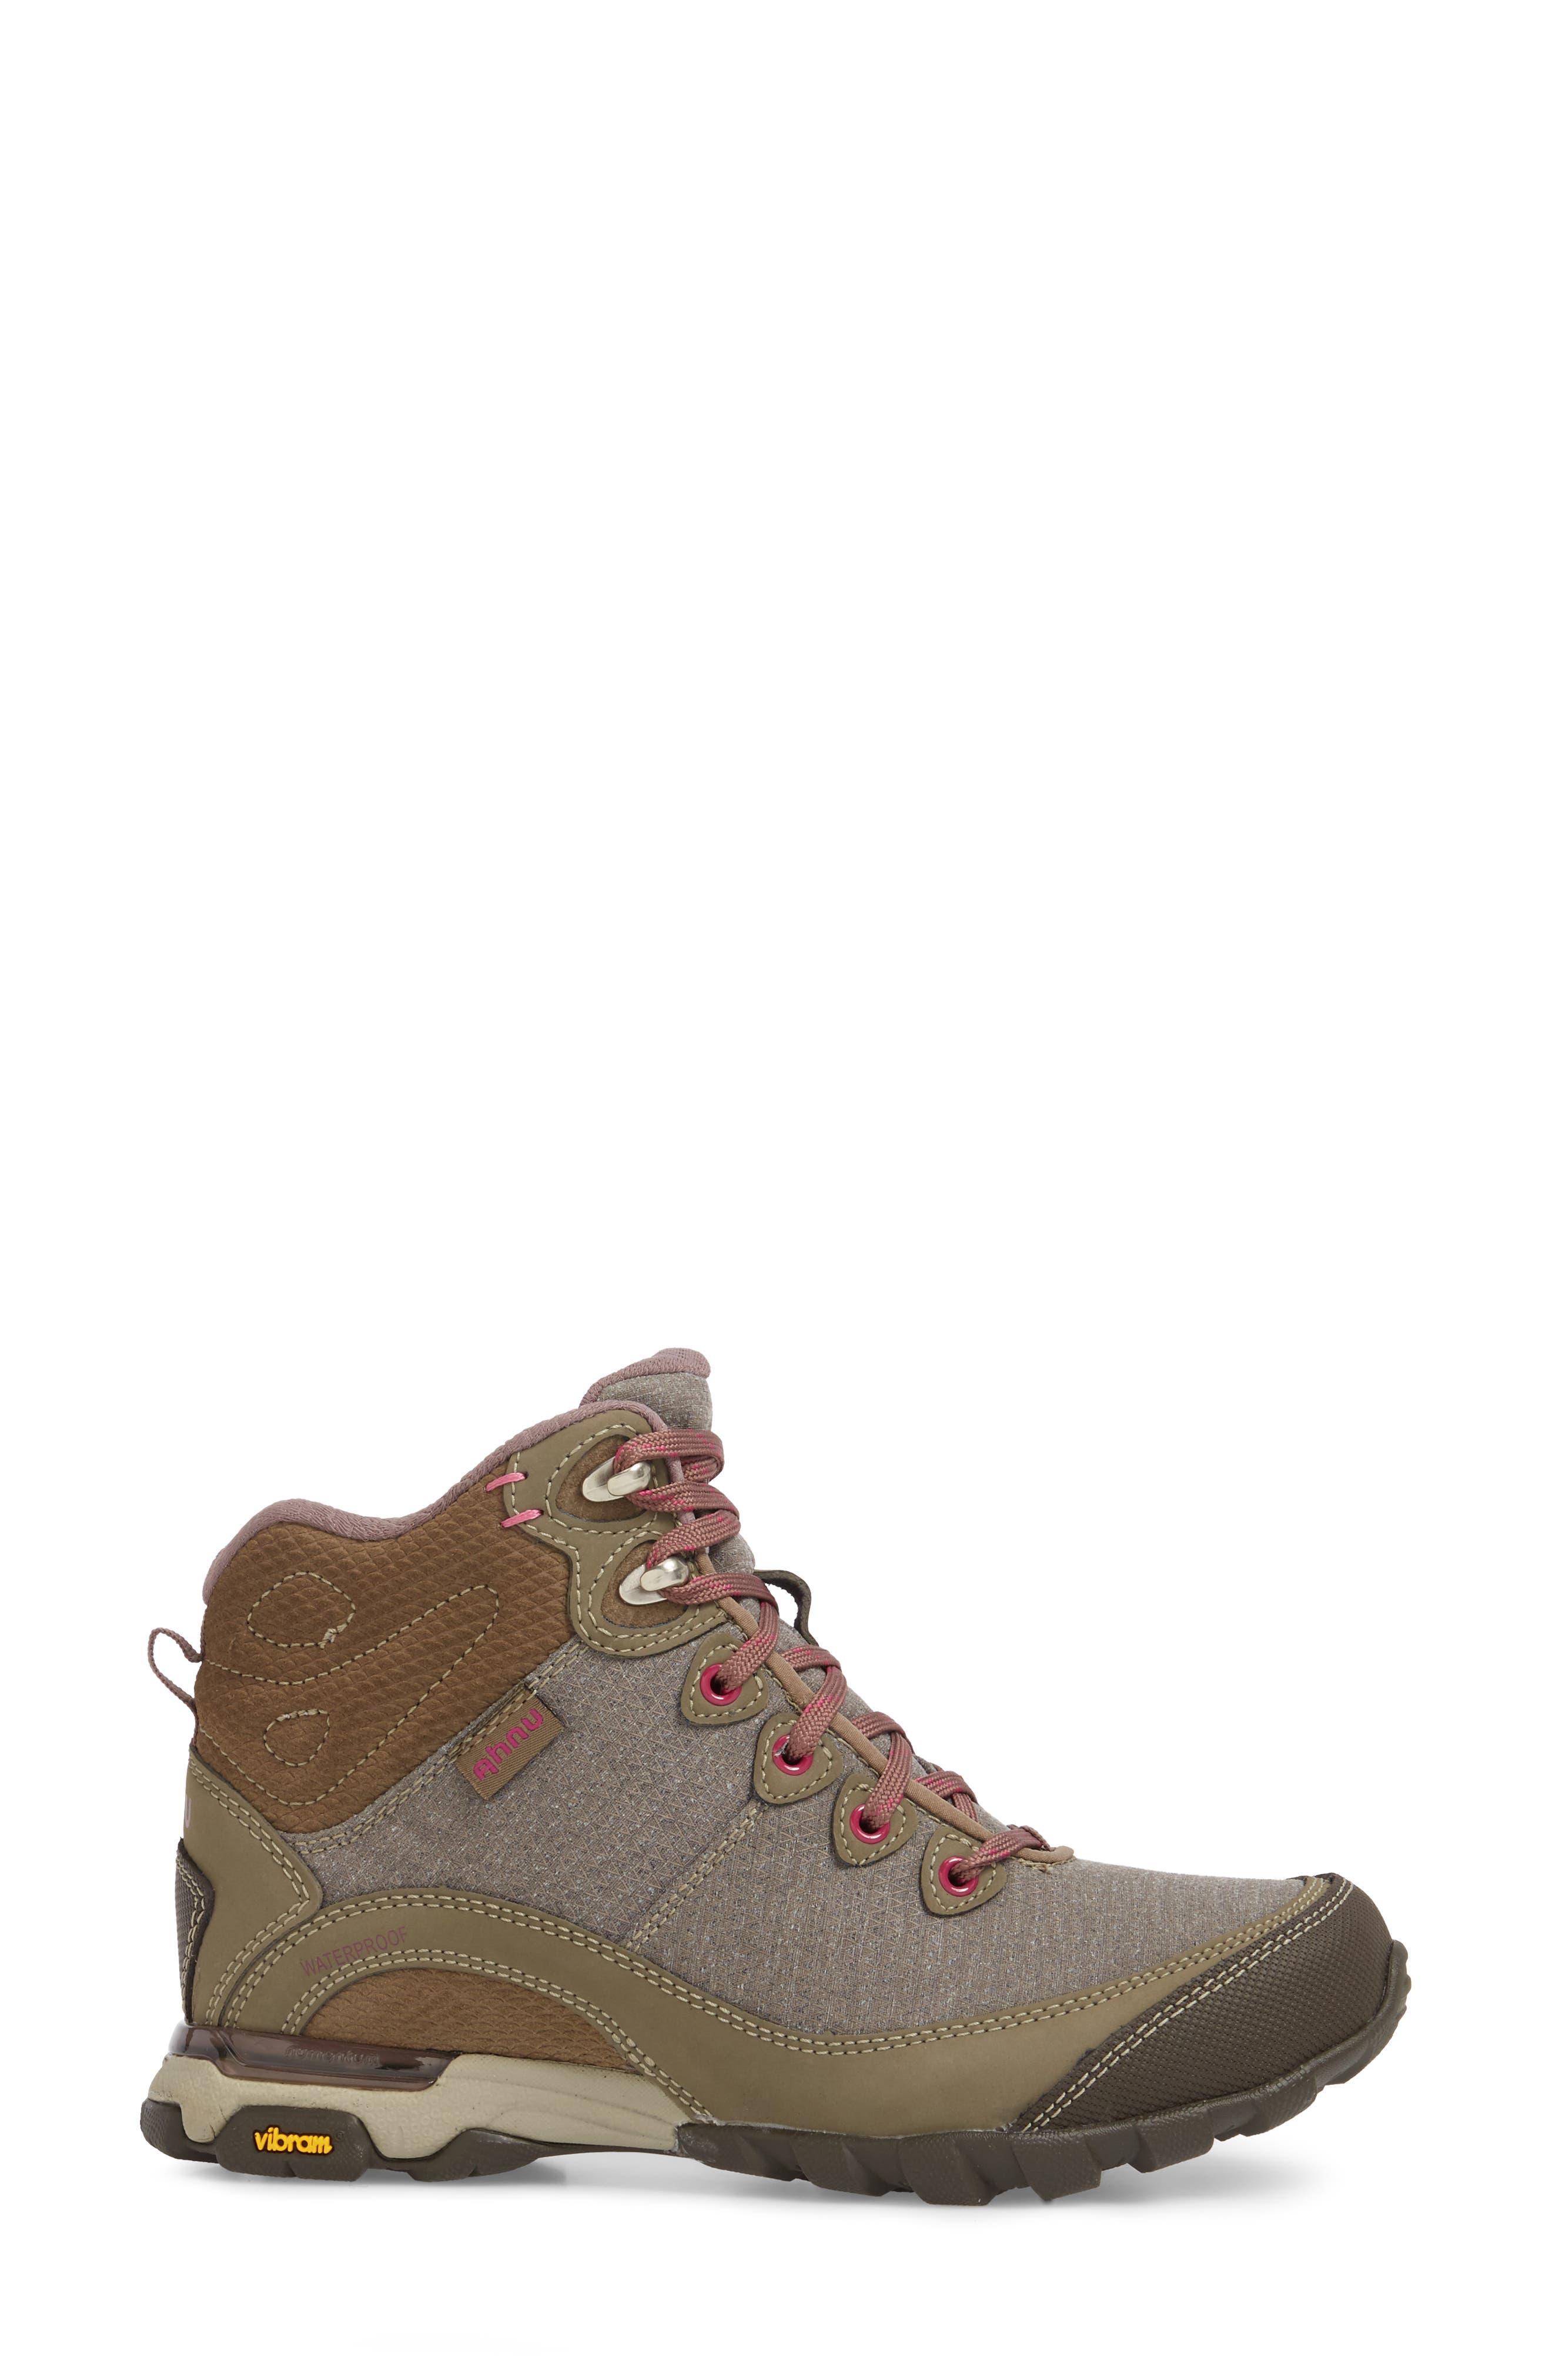 Ahnu by Teva Sugarpine II Waterproof Hiking Boot,                             Alternate thumbnail 3, color,                             Walnut